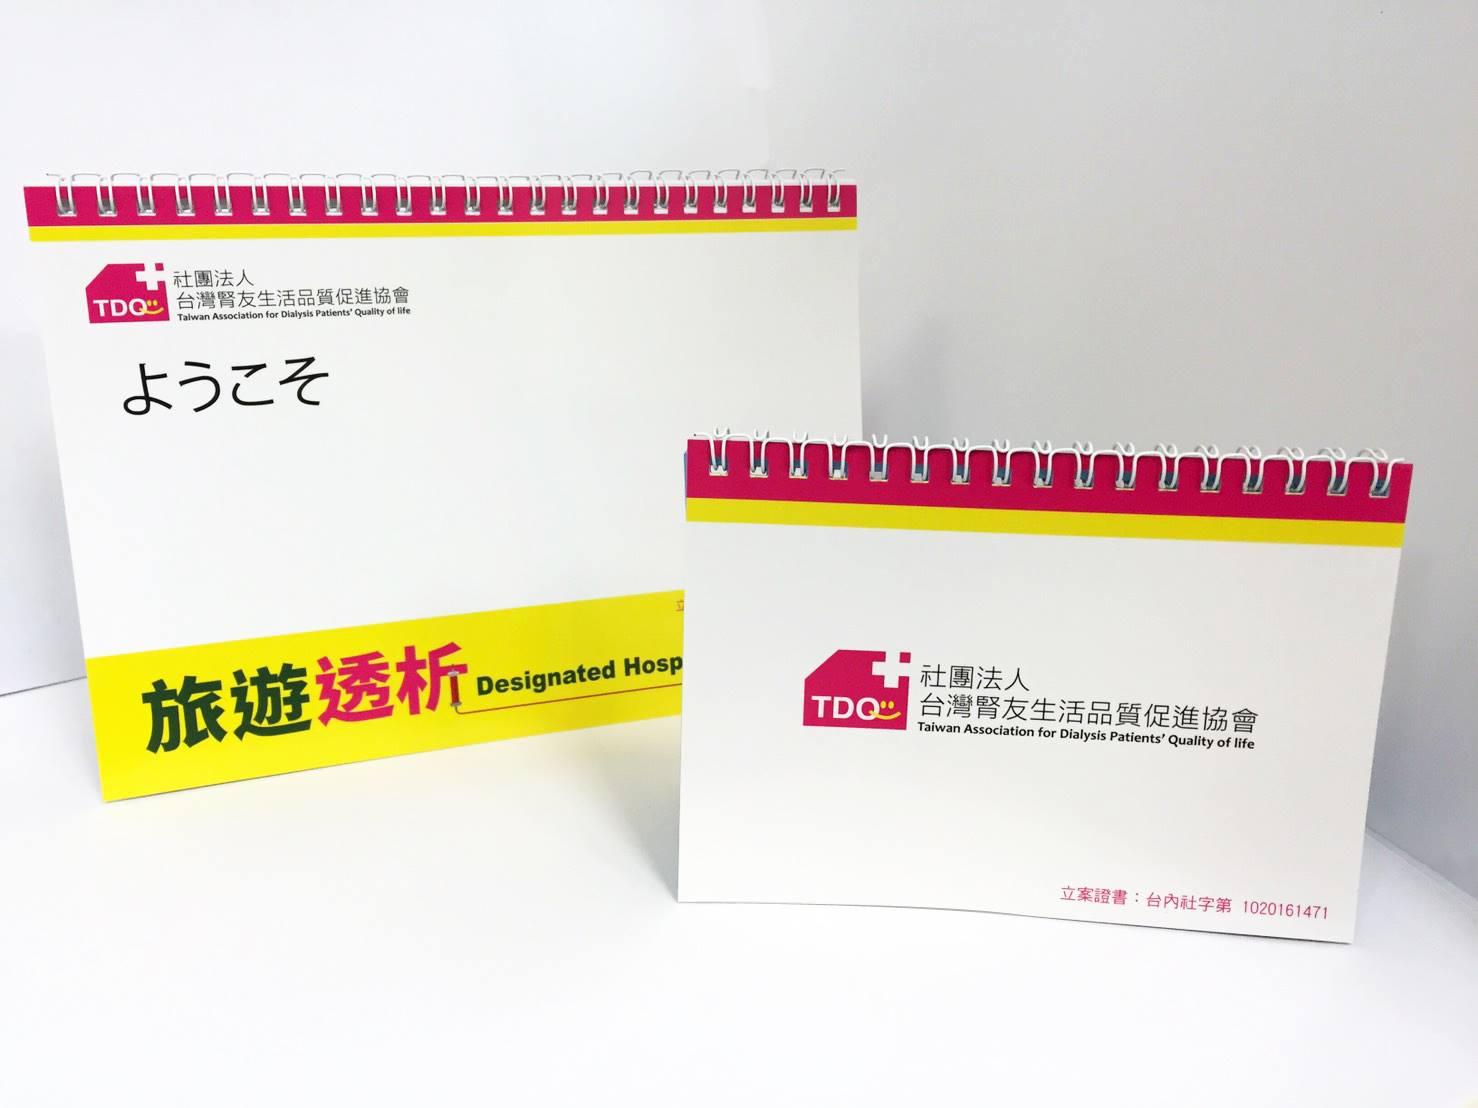 旅遊透析翻譯卡